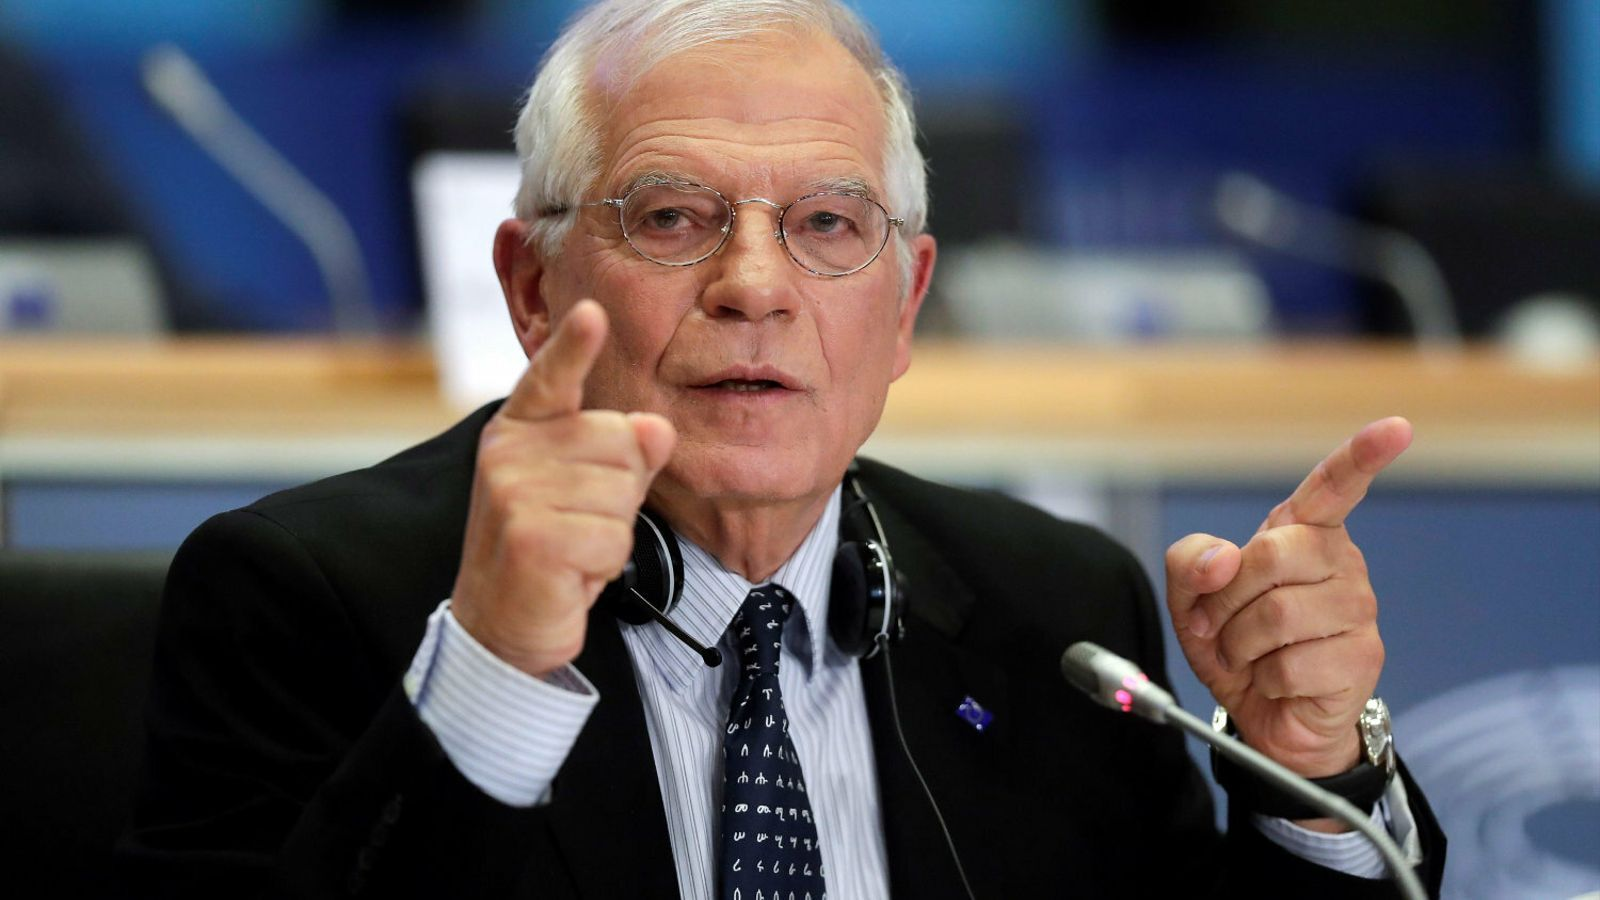 El ministre d'Exteriors espanyol, Josep Borrell, en una imatge recent.